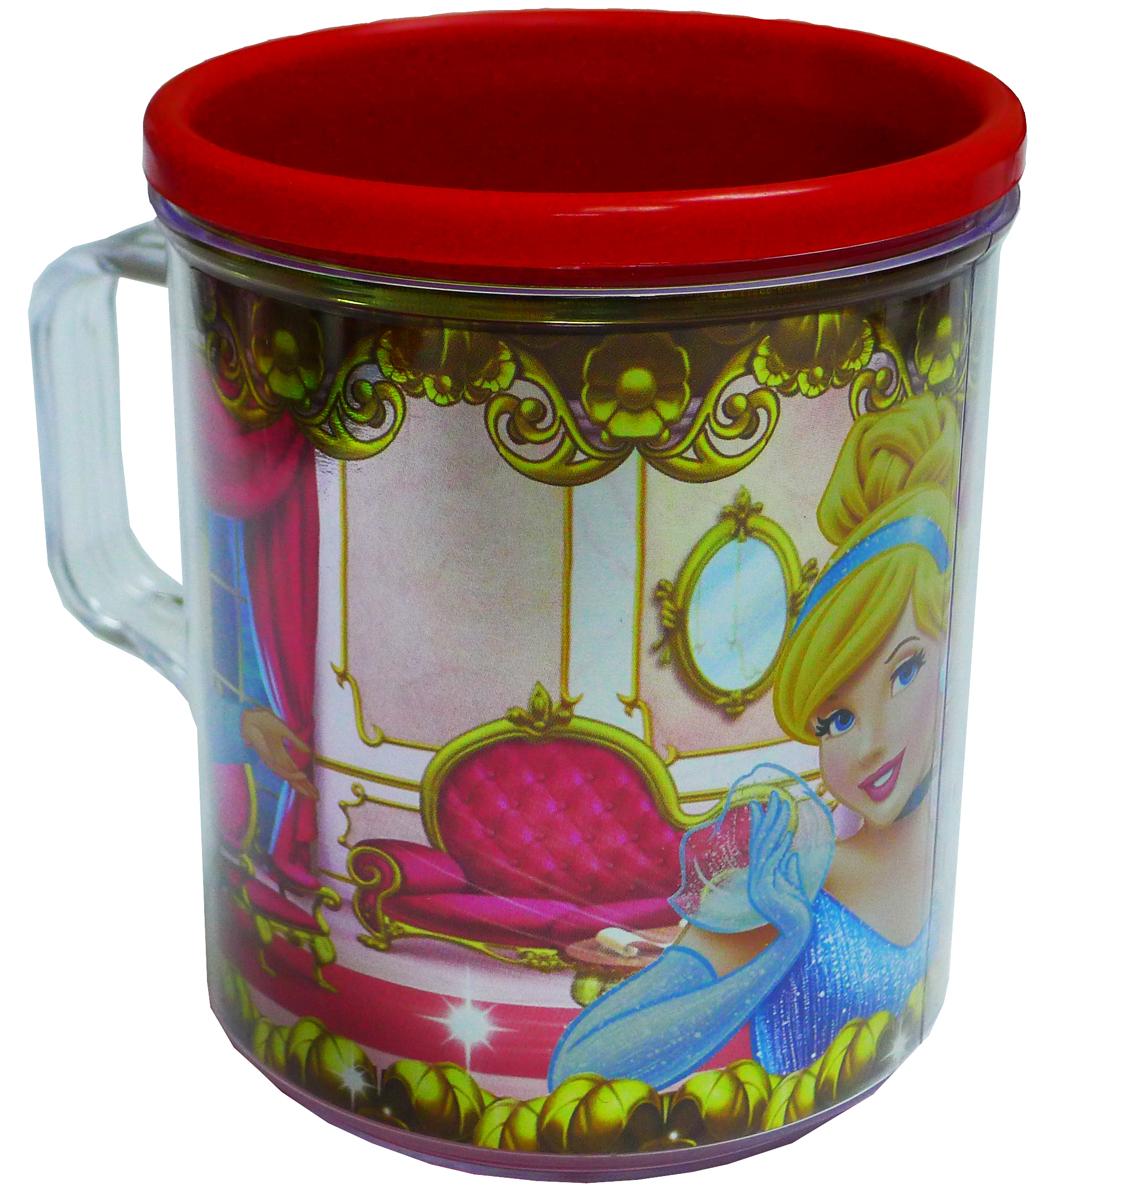 Disney Термокружка детская ЗолушкаС25-ЗОЛПроизведено по лицензии Walt Disney.